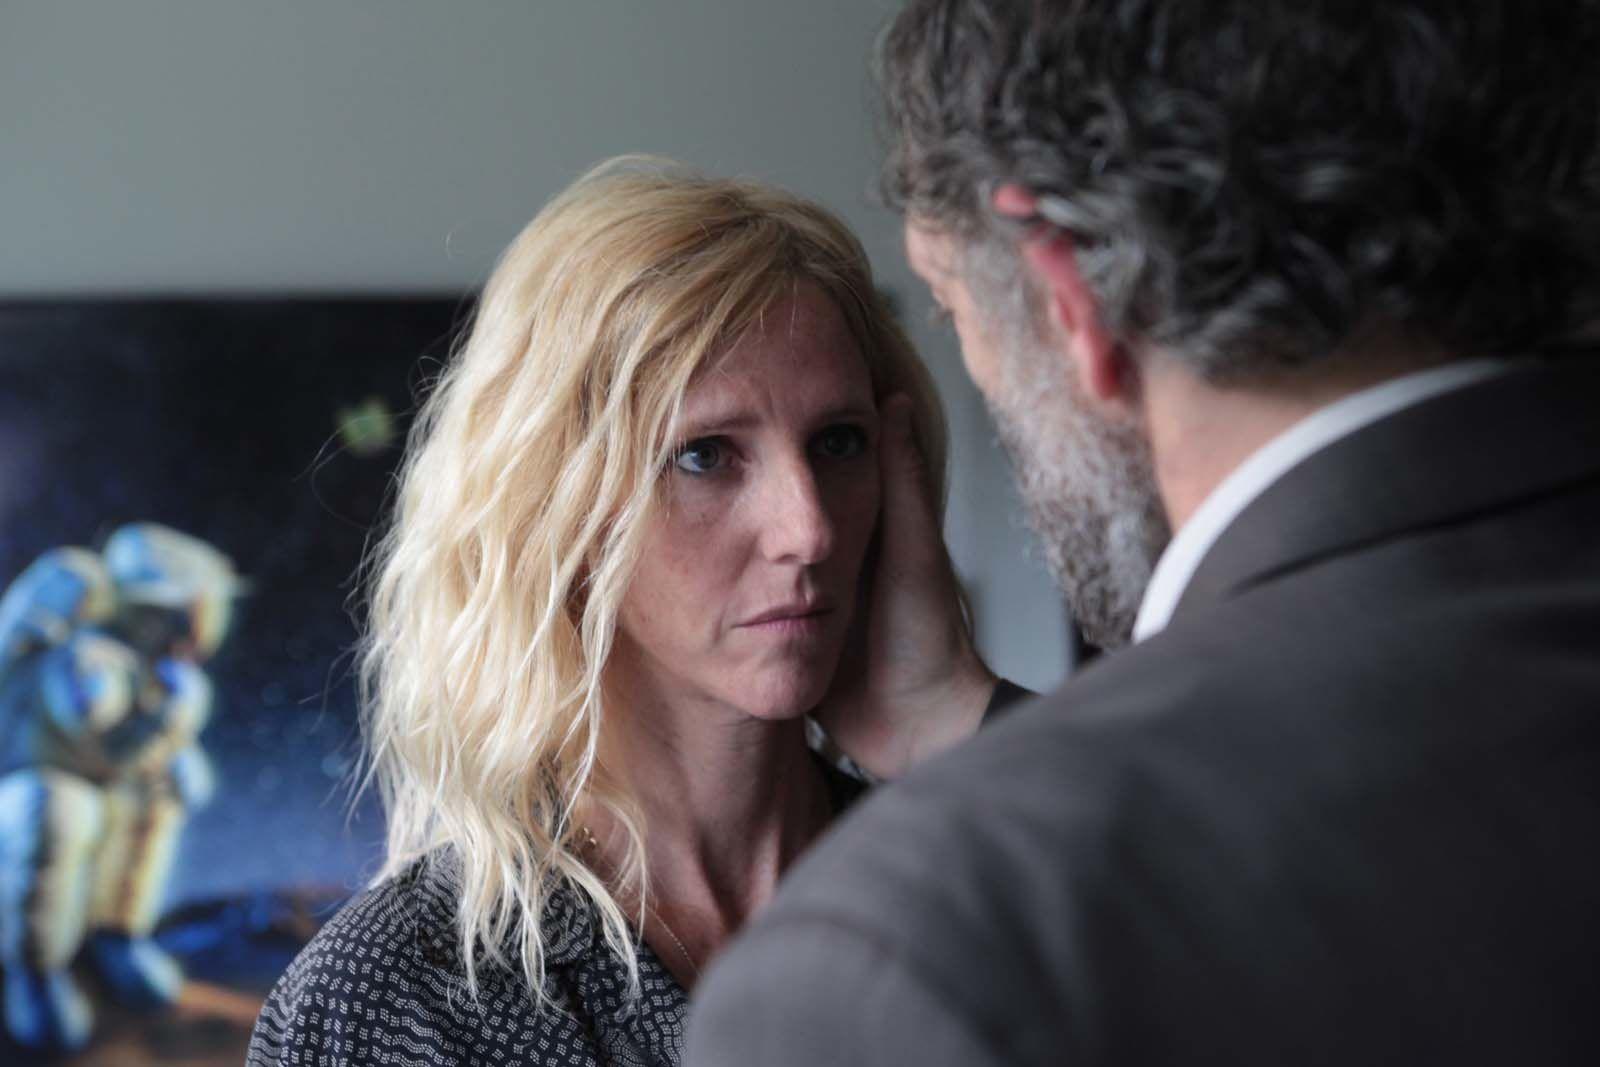 Fleuve Noir (BANDE-ANNONCE) avec Vincent Cassel & Romain Duris - Le 18 juillet 2018 au cinéma